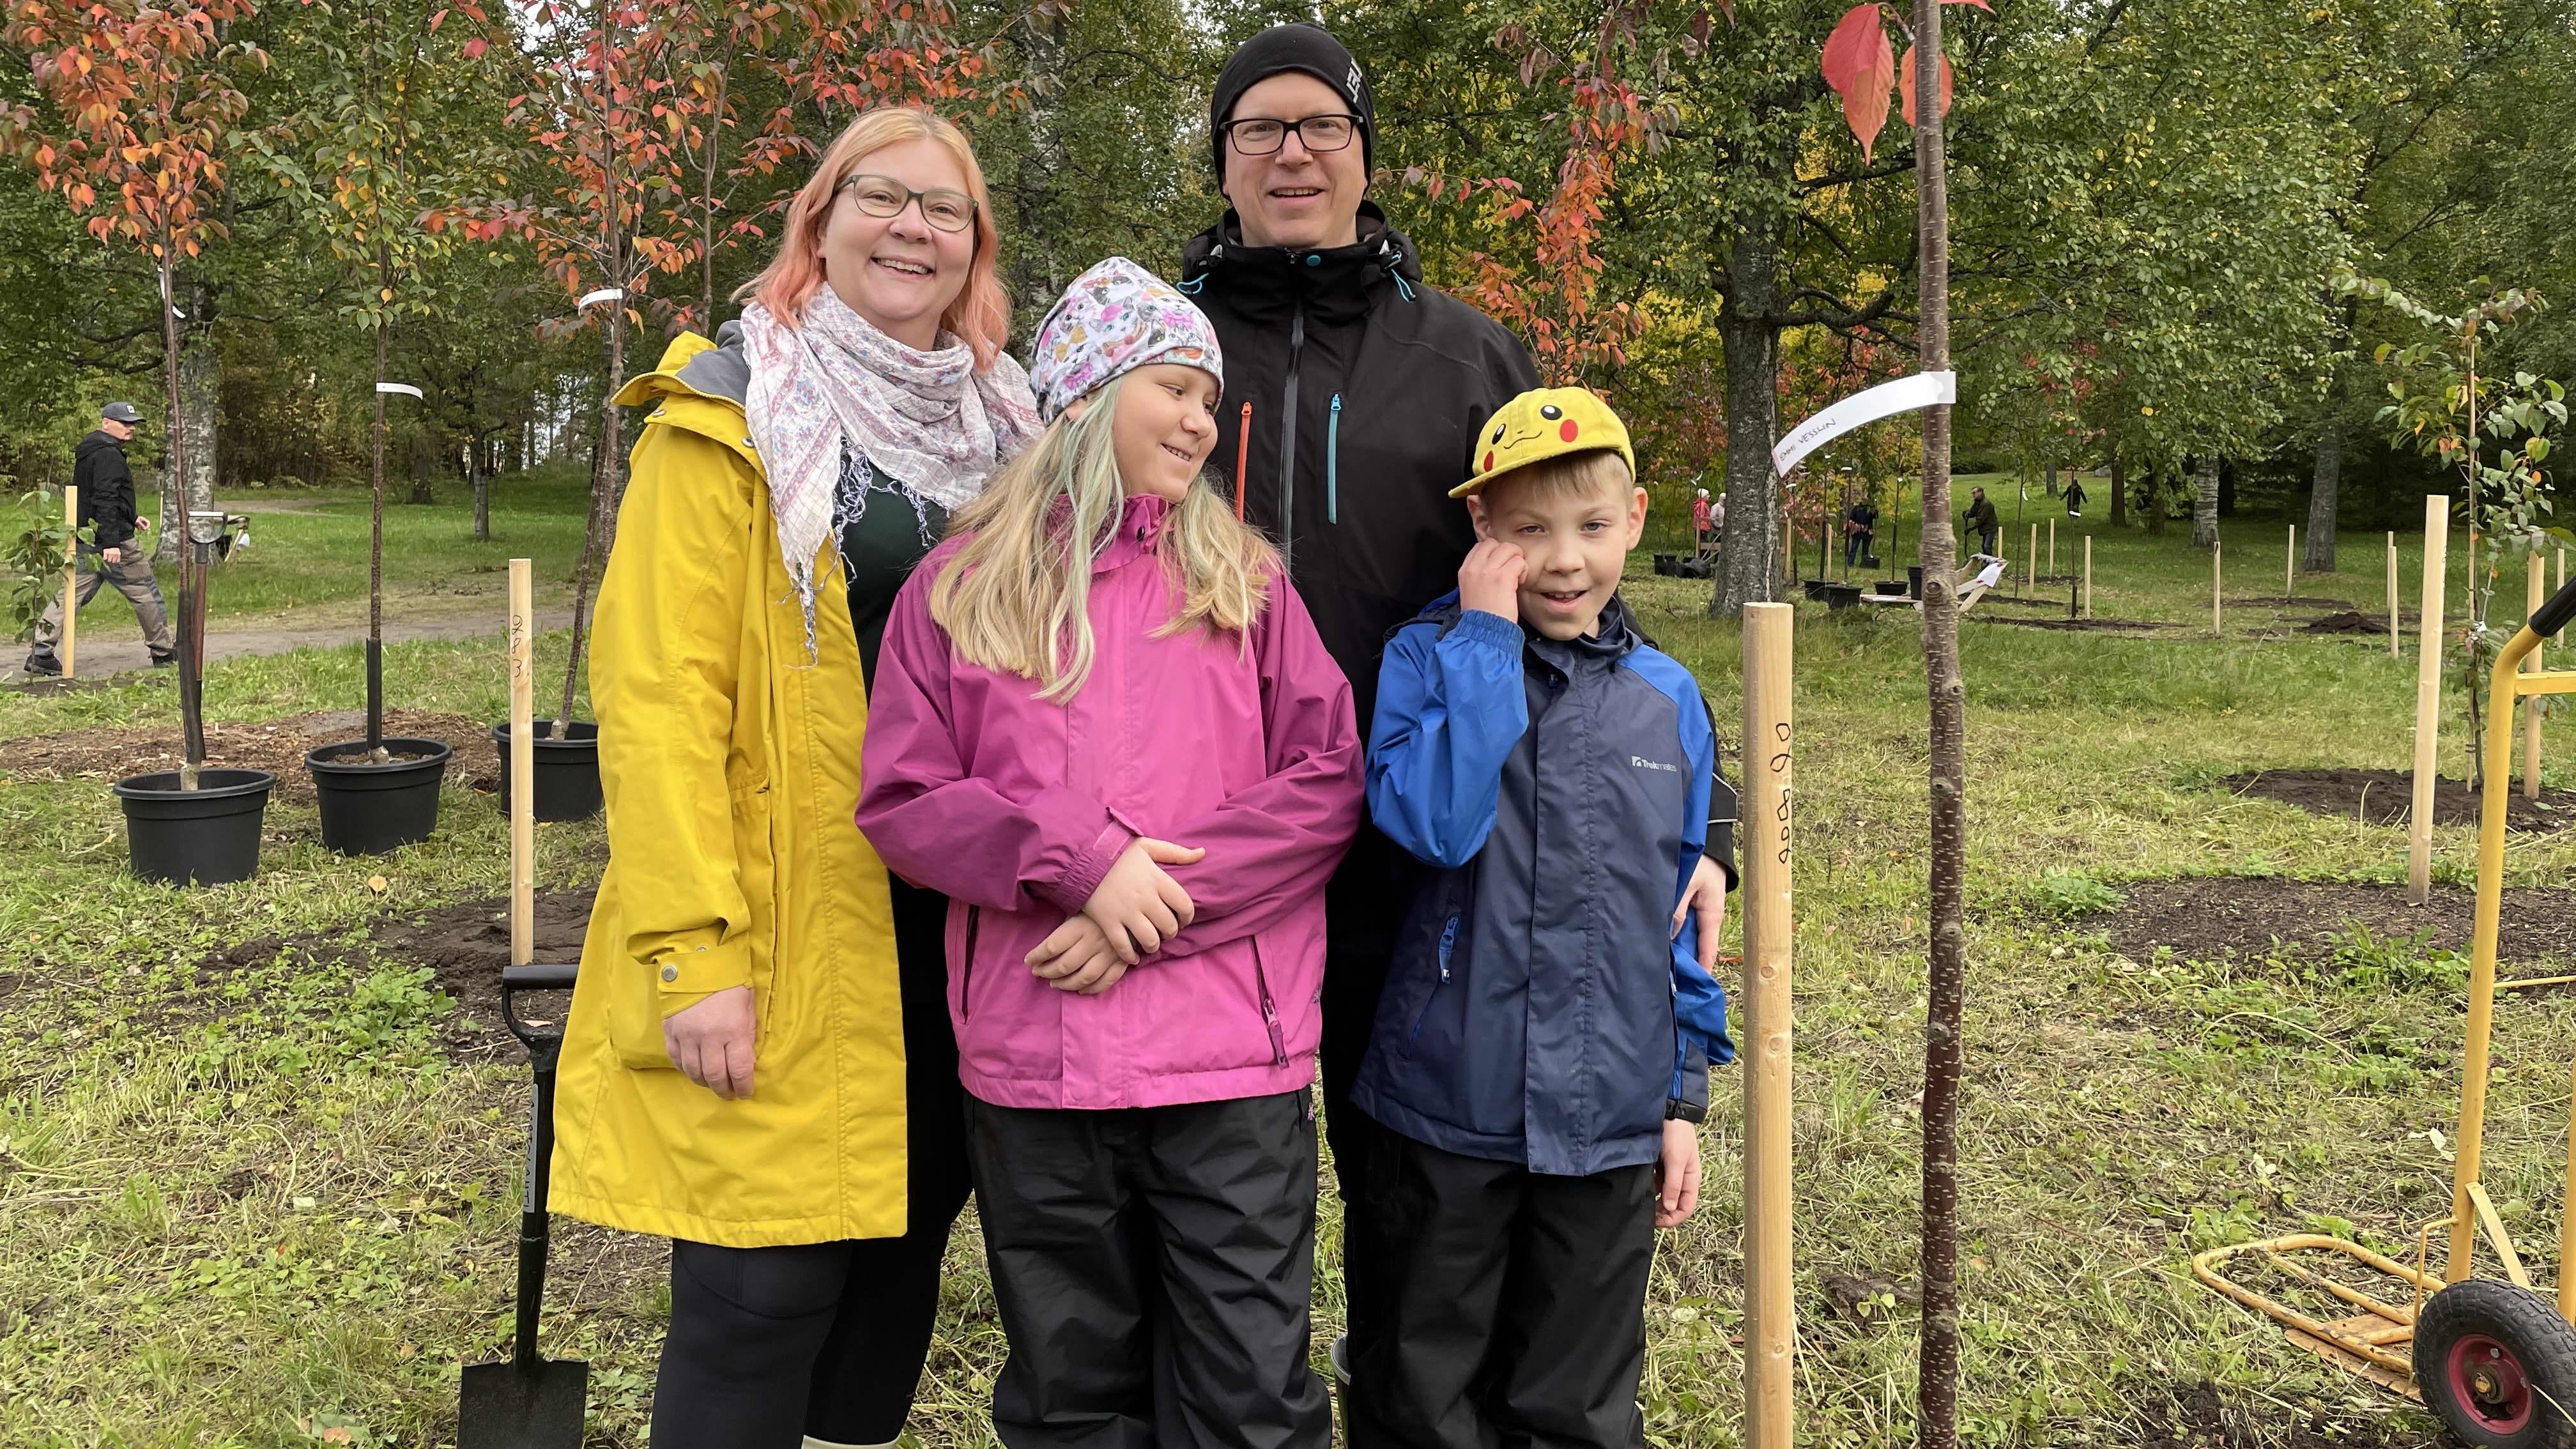 perhe vesslin kirsikkapuunsa vieressä